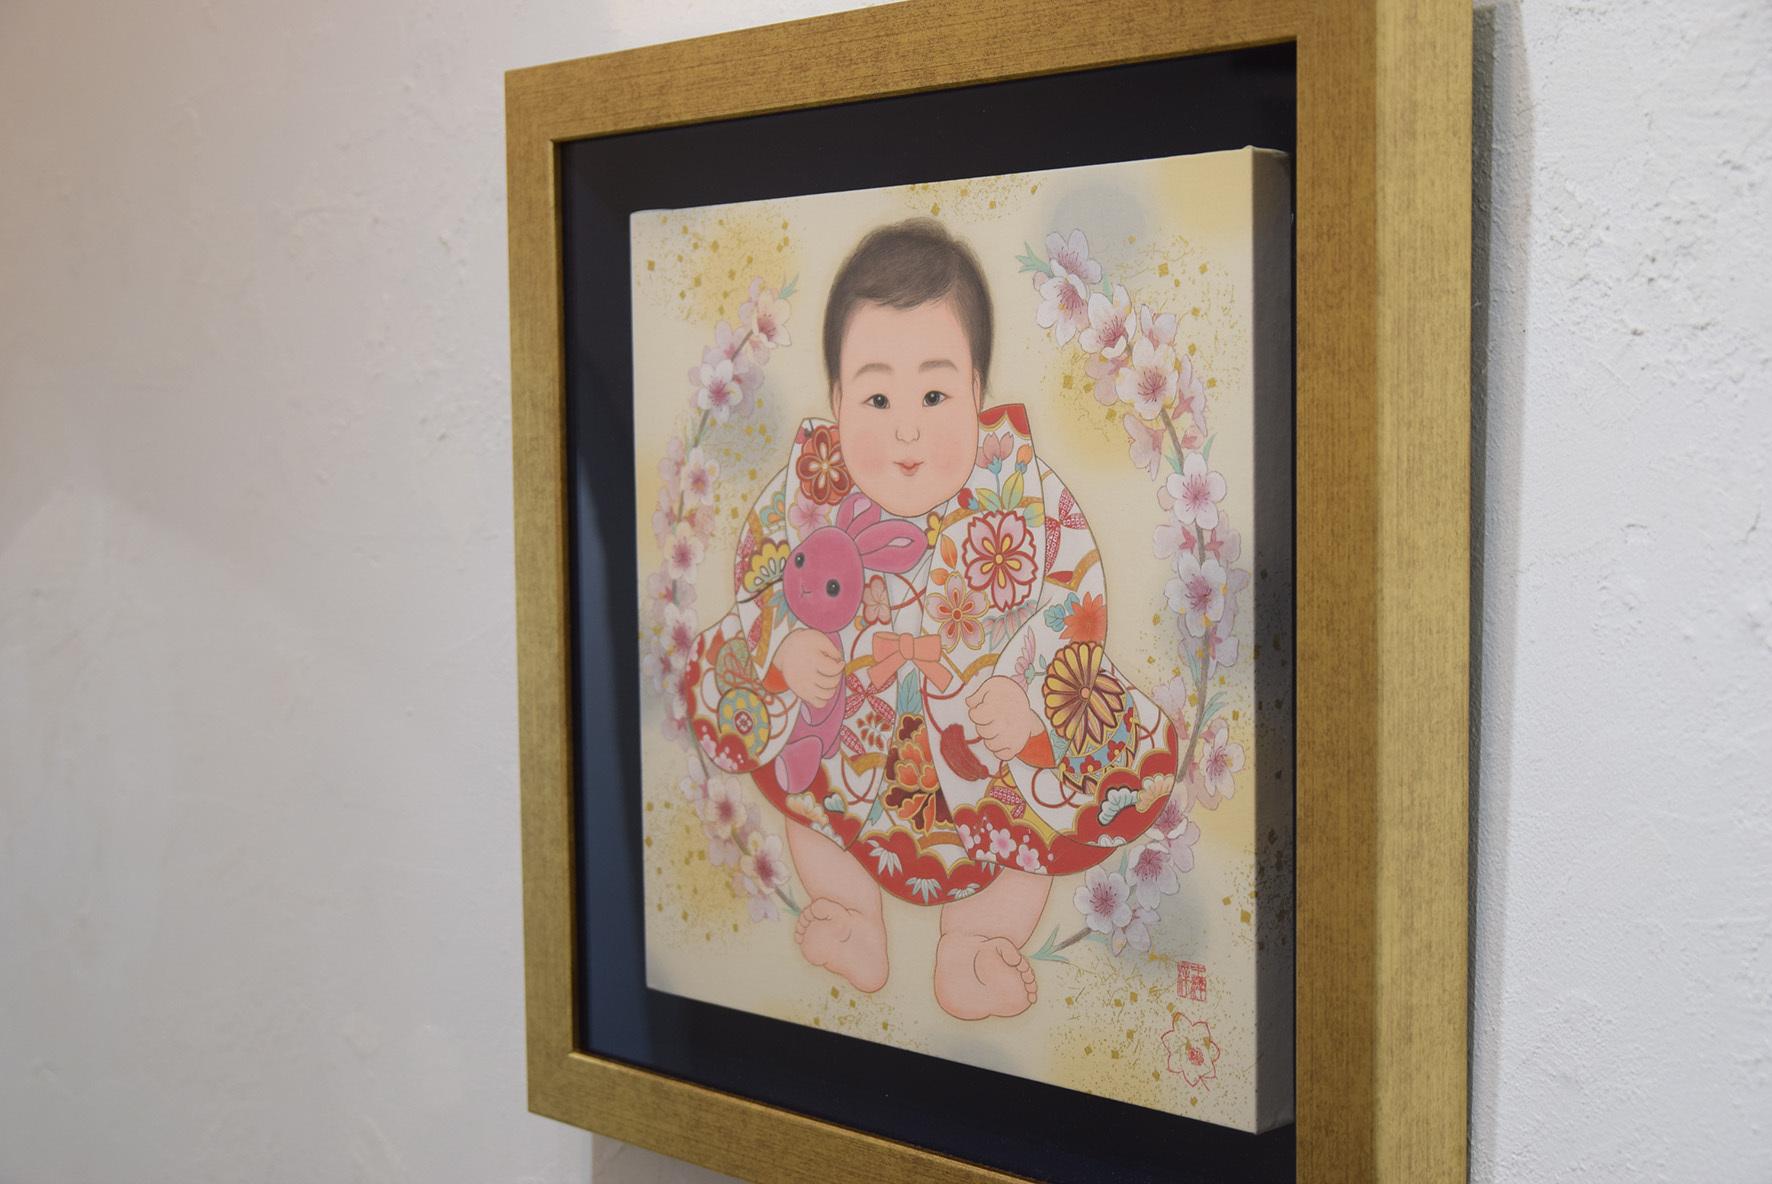 中沢 梓 大和絵展 「刻一刻」@2日目_e0272050_17072006.jpg